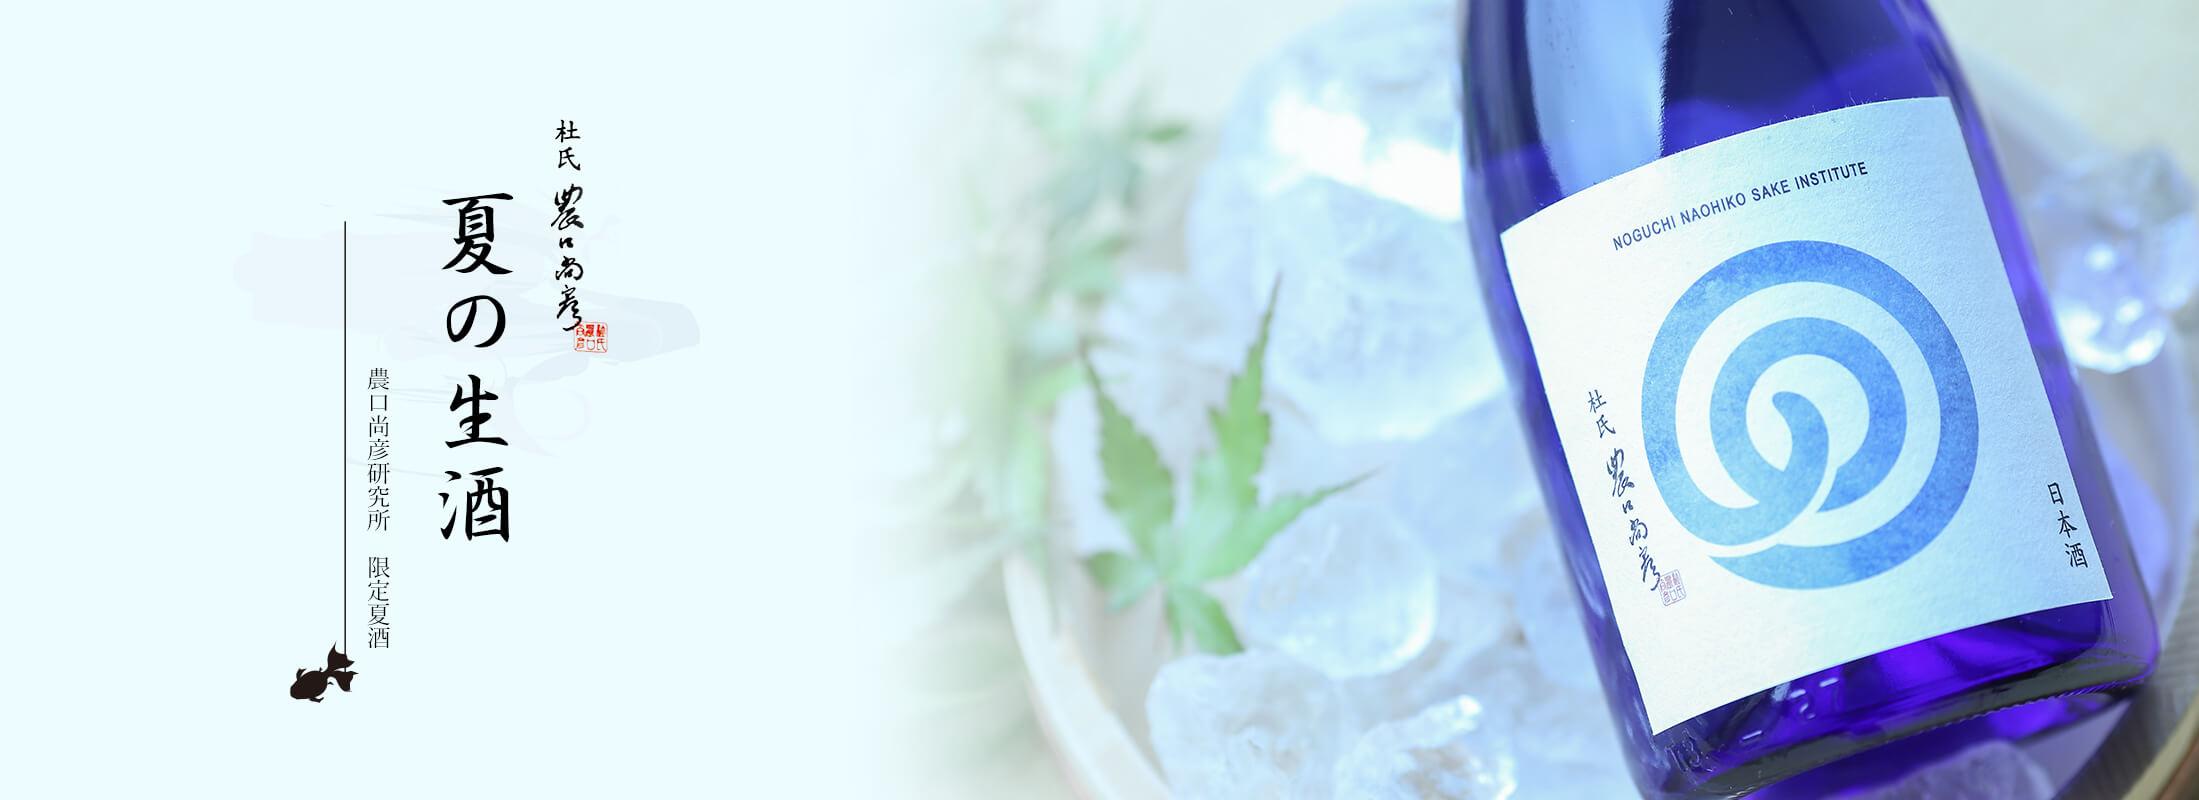 農口尚彦研究所 夏の生酒